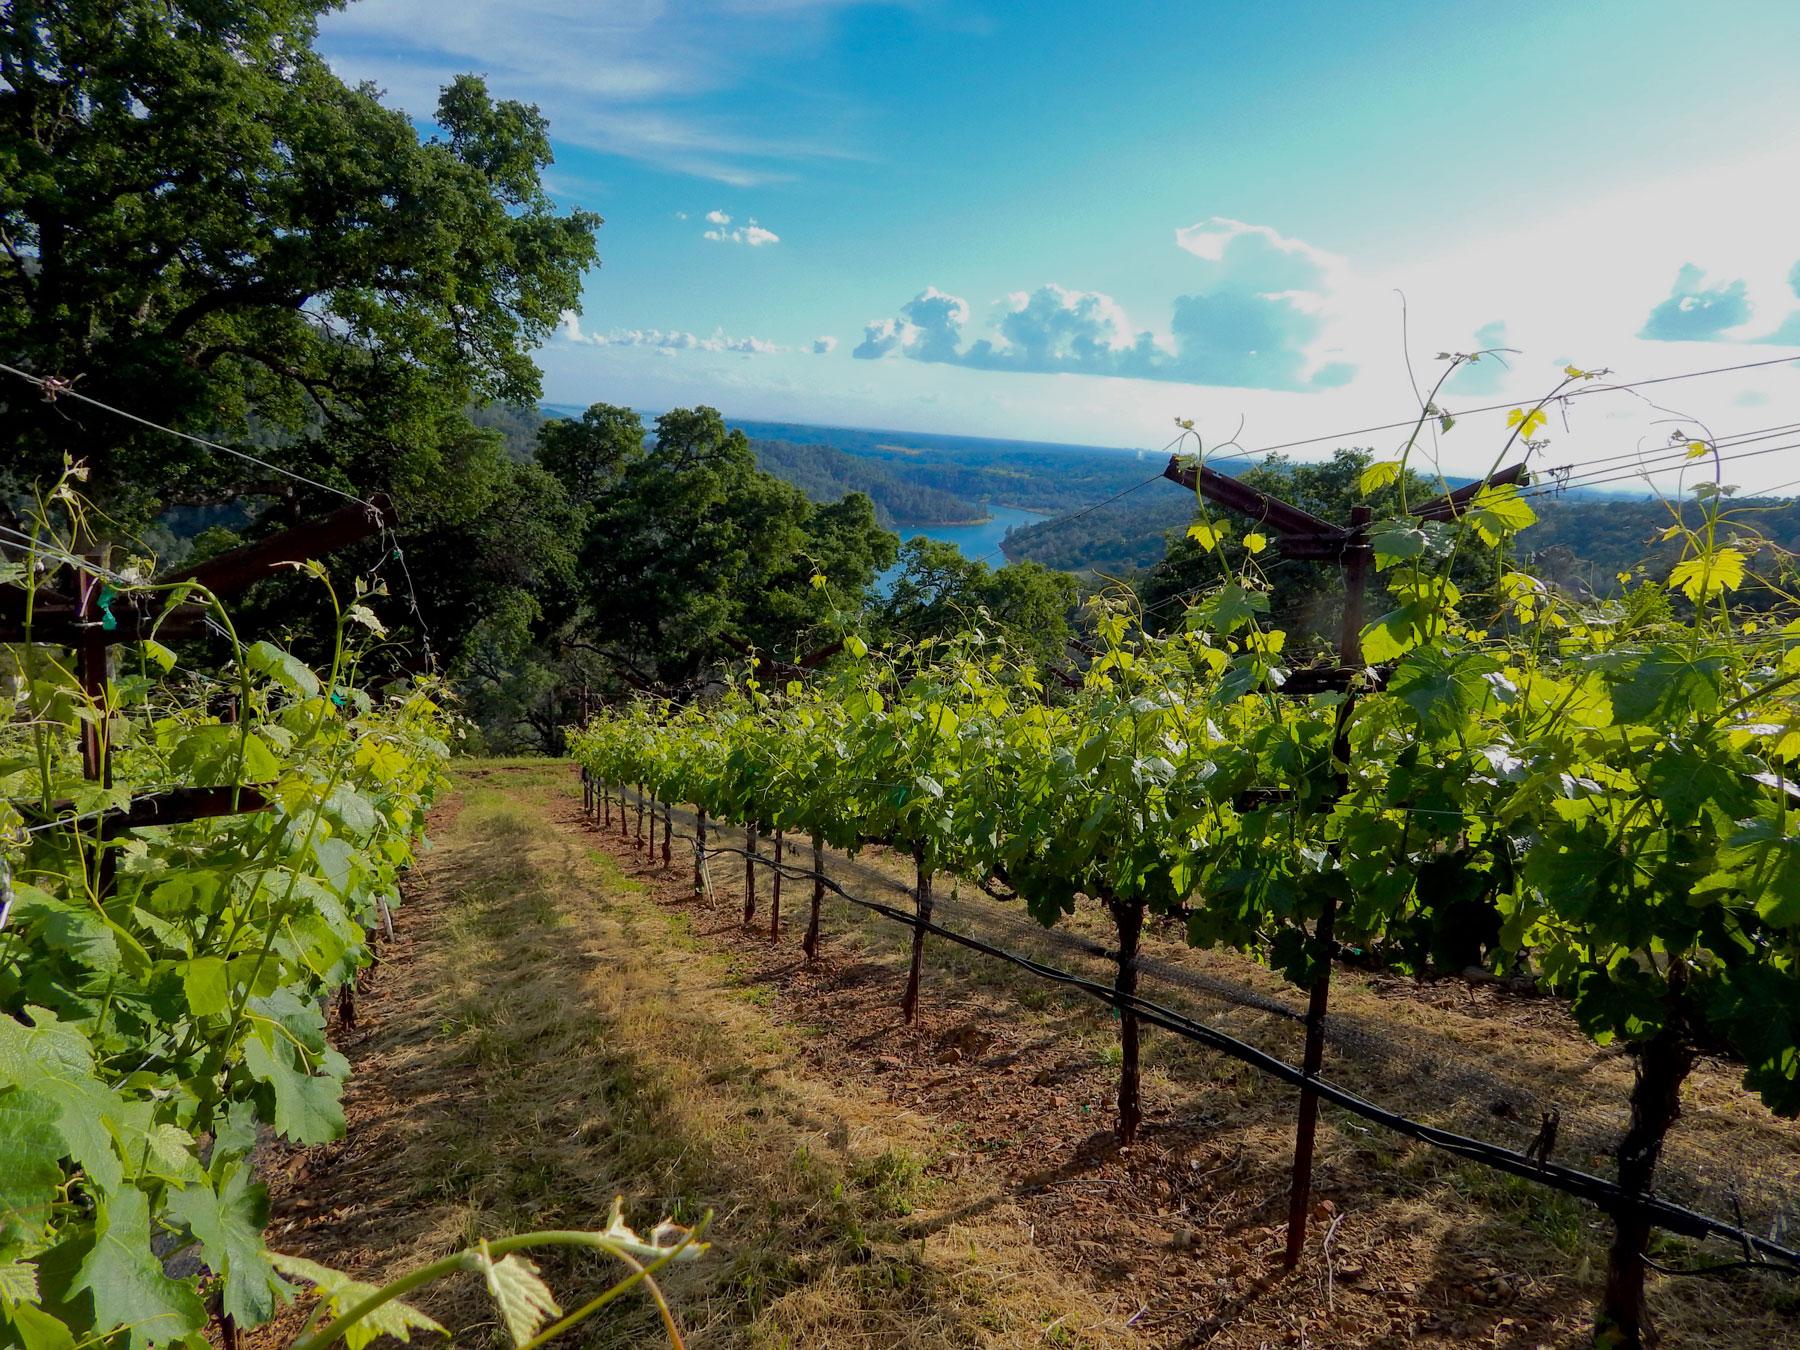 Vineyard-8.jpg